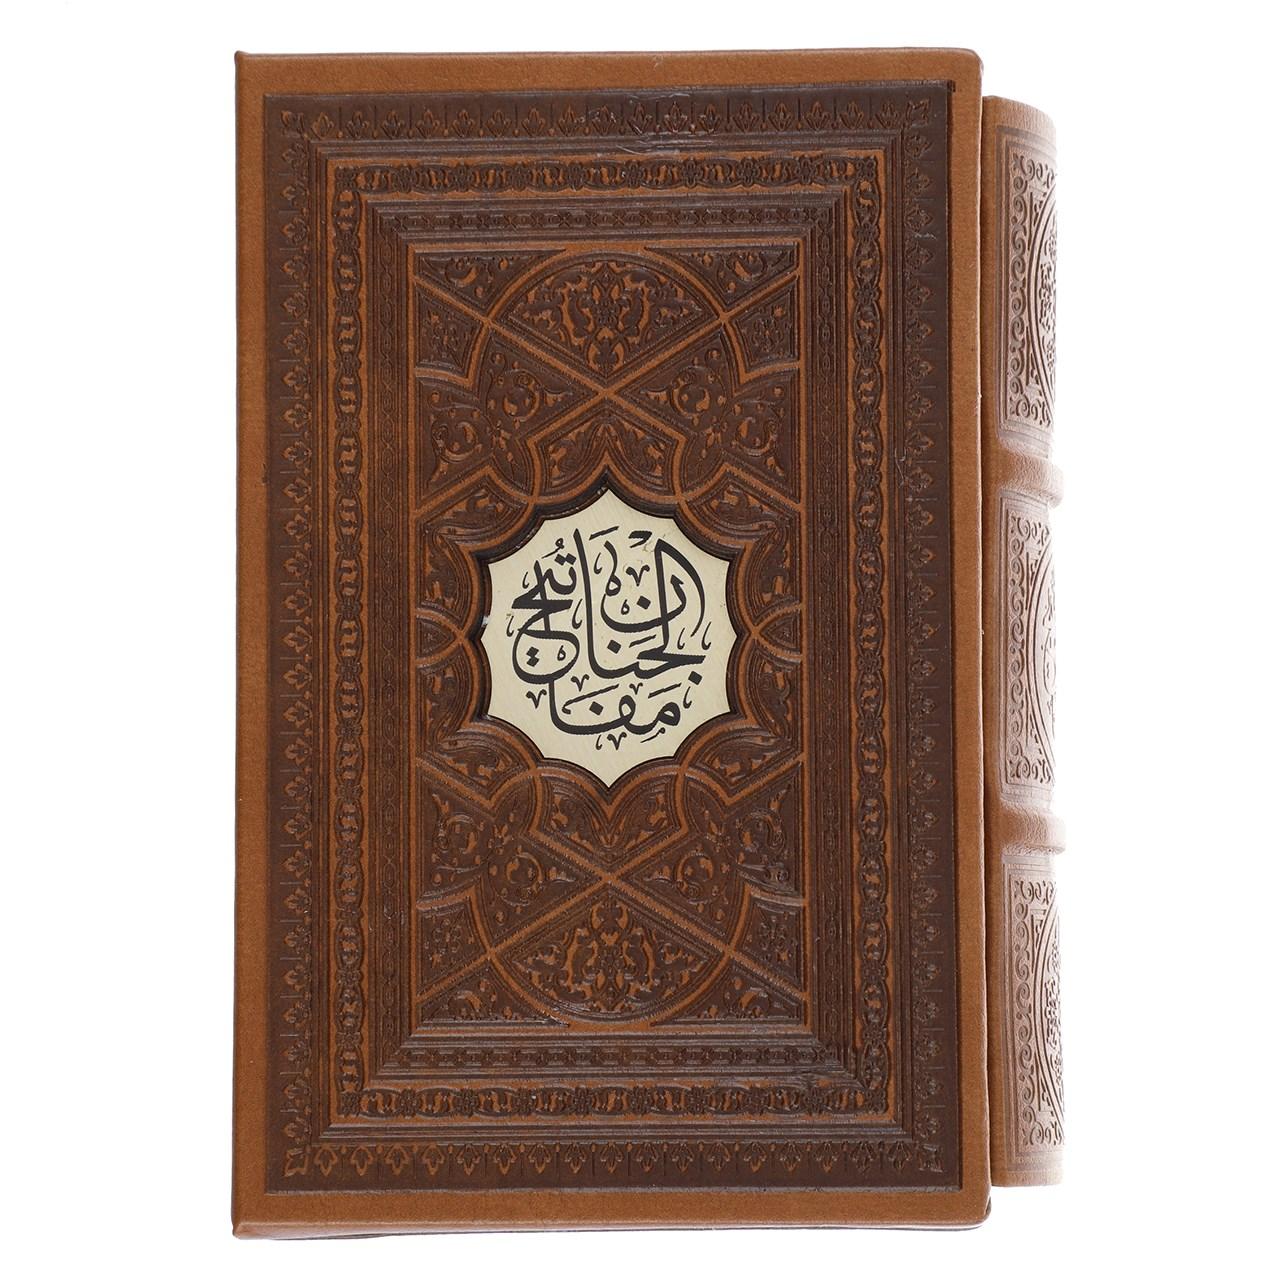 خرید                      کتاب مفاتیح الجنان اثر عباس قمی